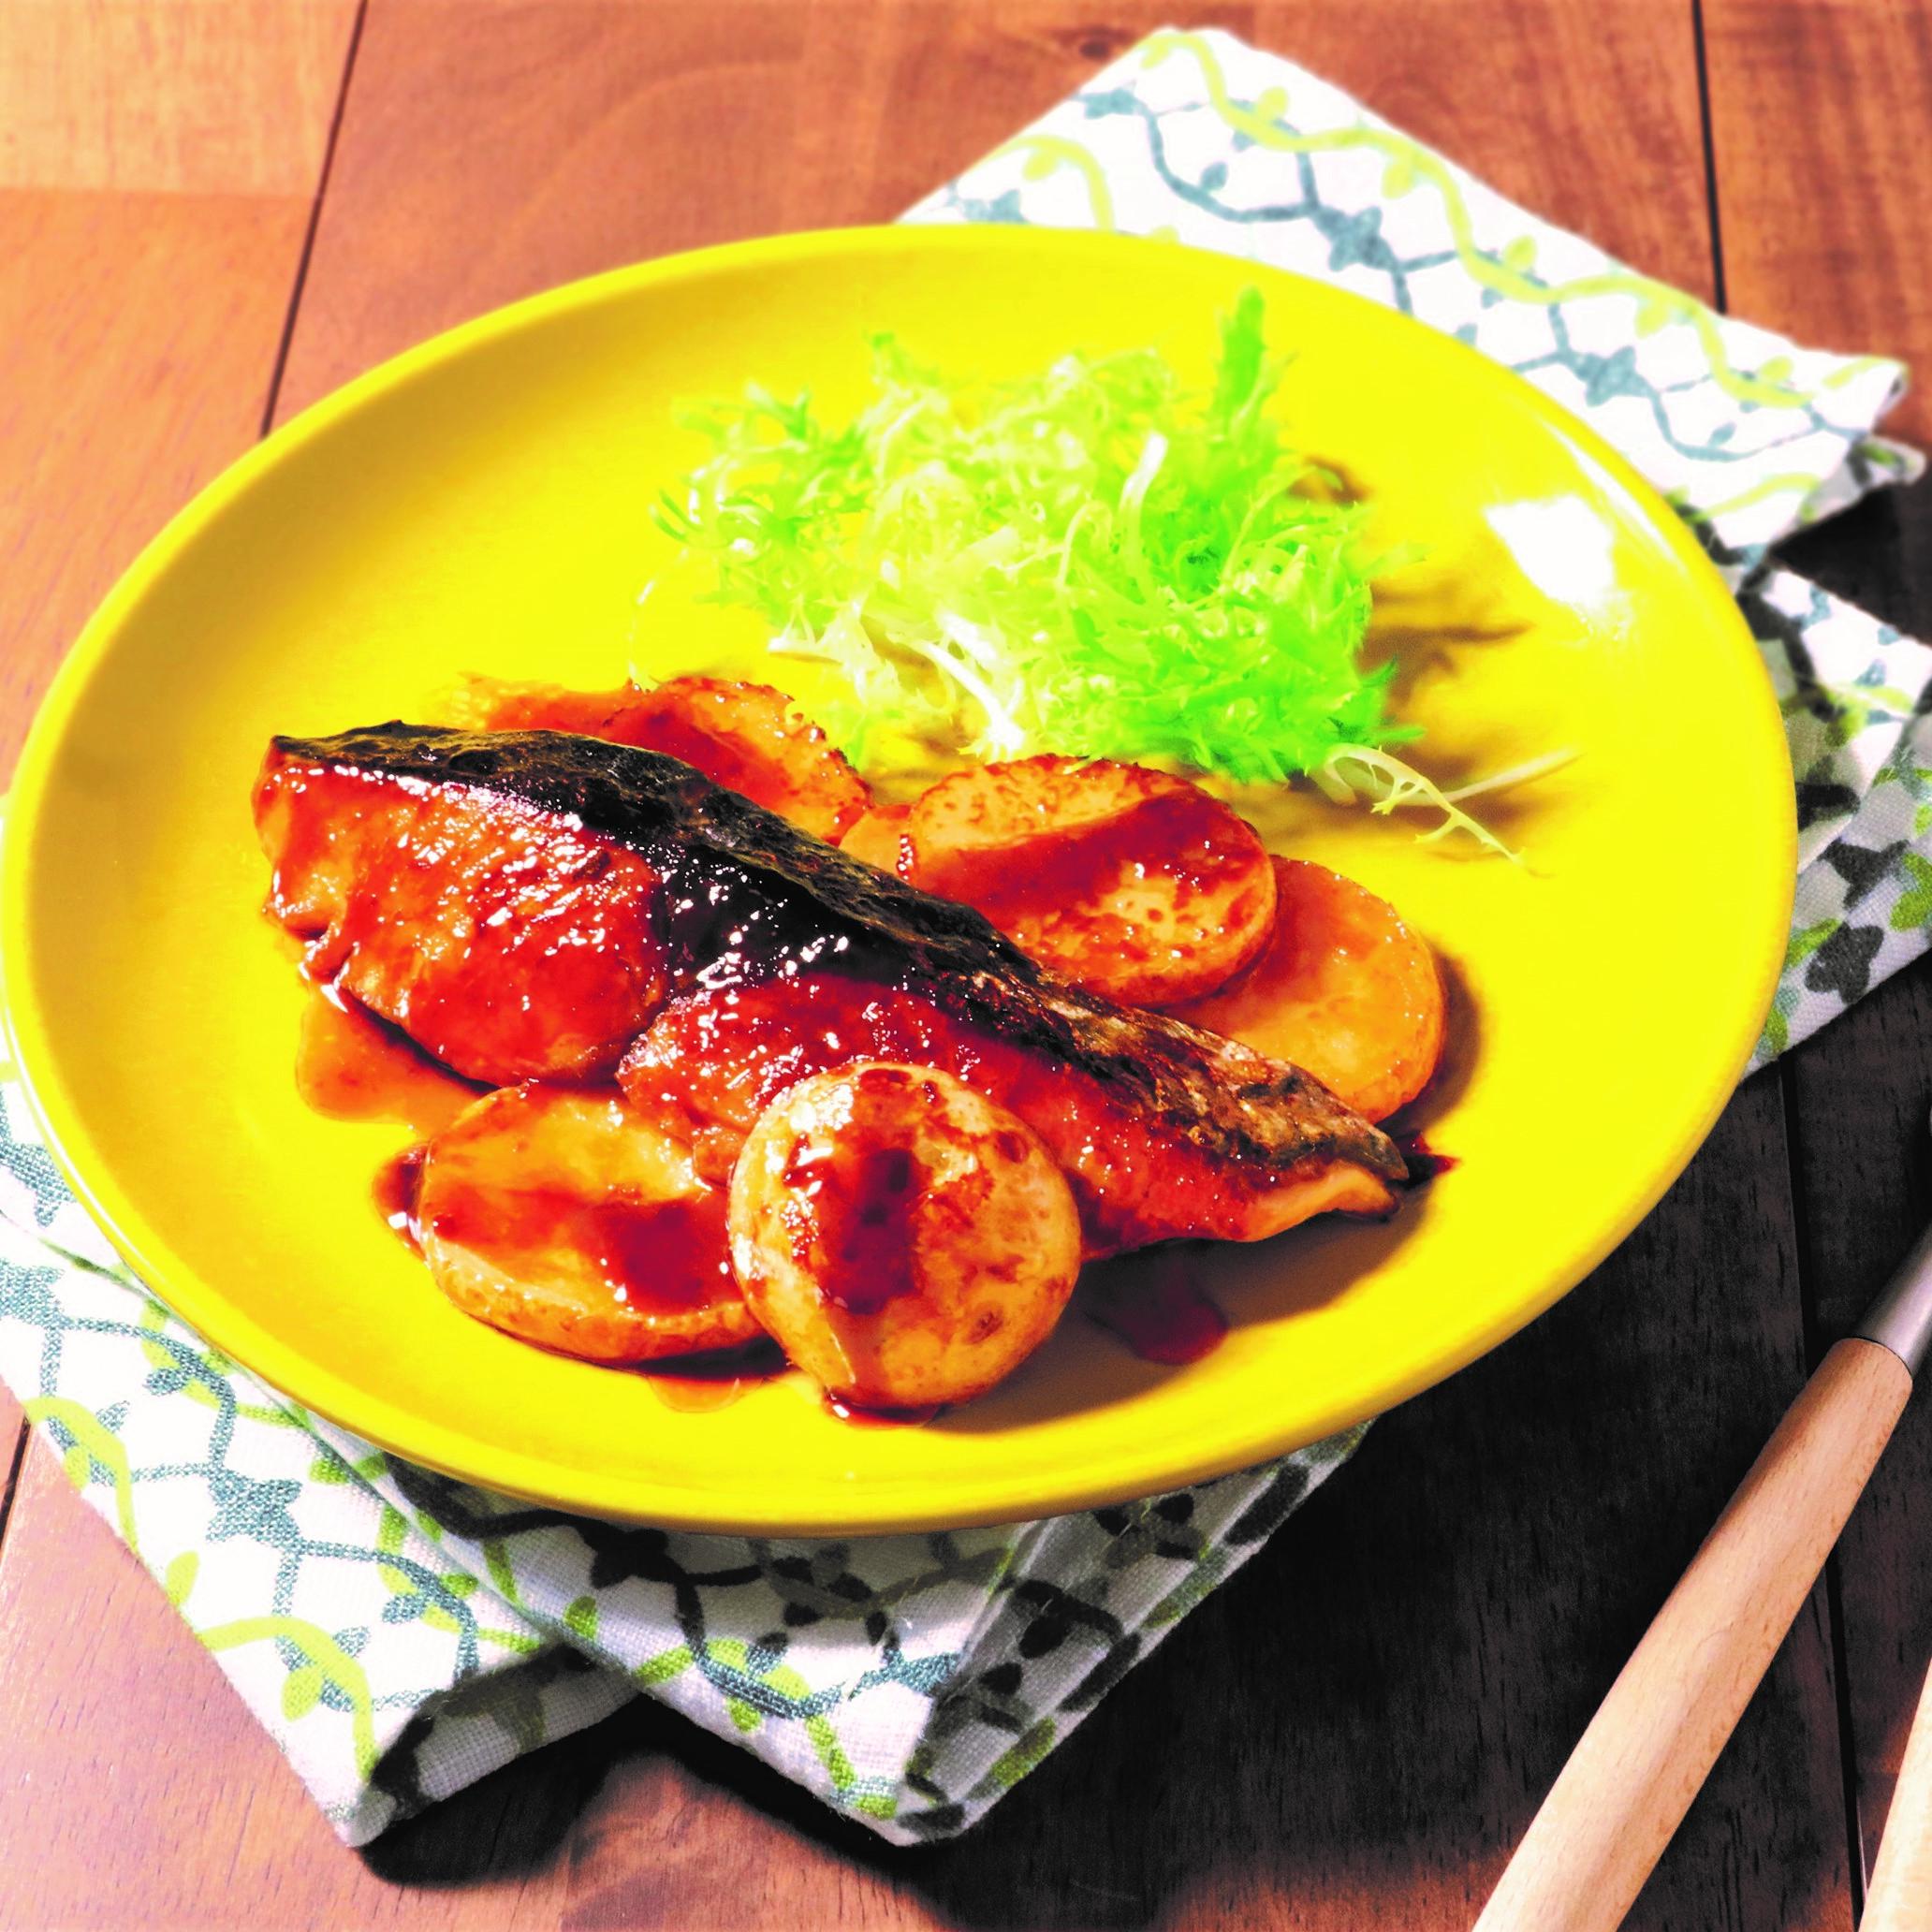 魚と新じゃがの黒酢てり焼き(まろやか黒酢醤油たれ)